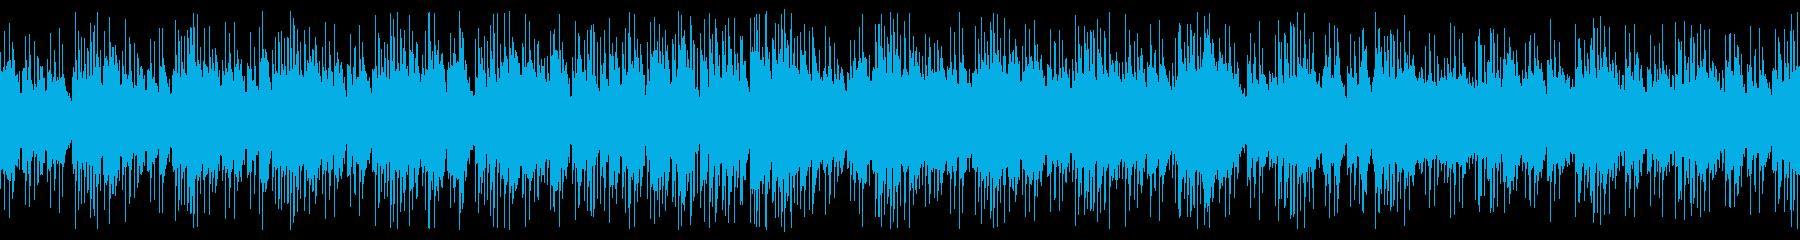 宇宙空間・波のようなピアノ曲 ループの再生済みの波形